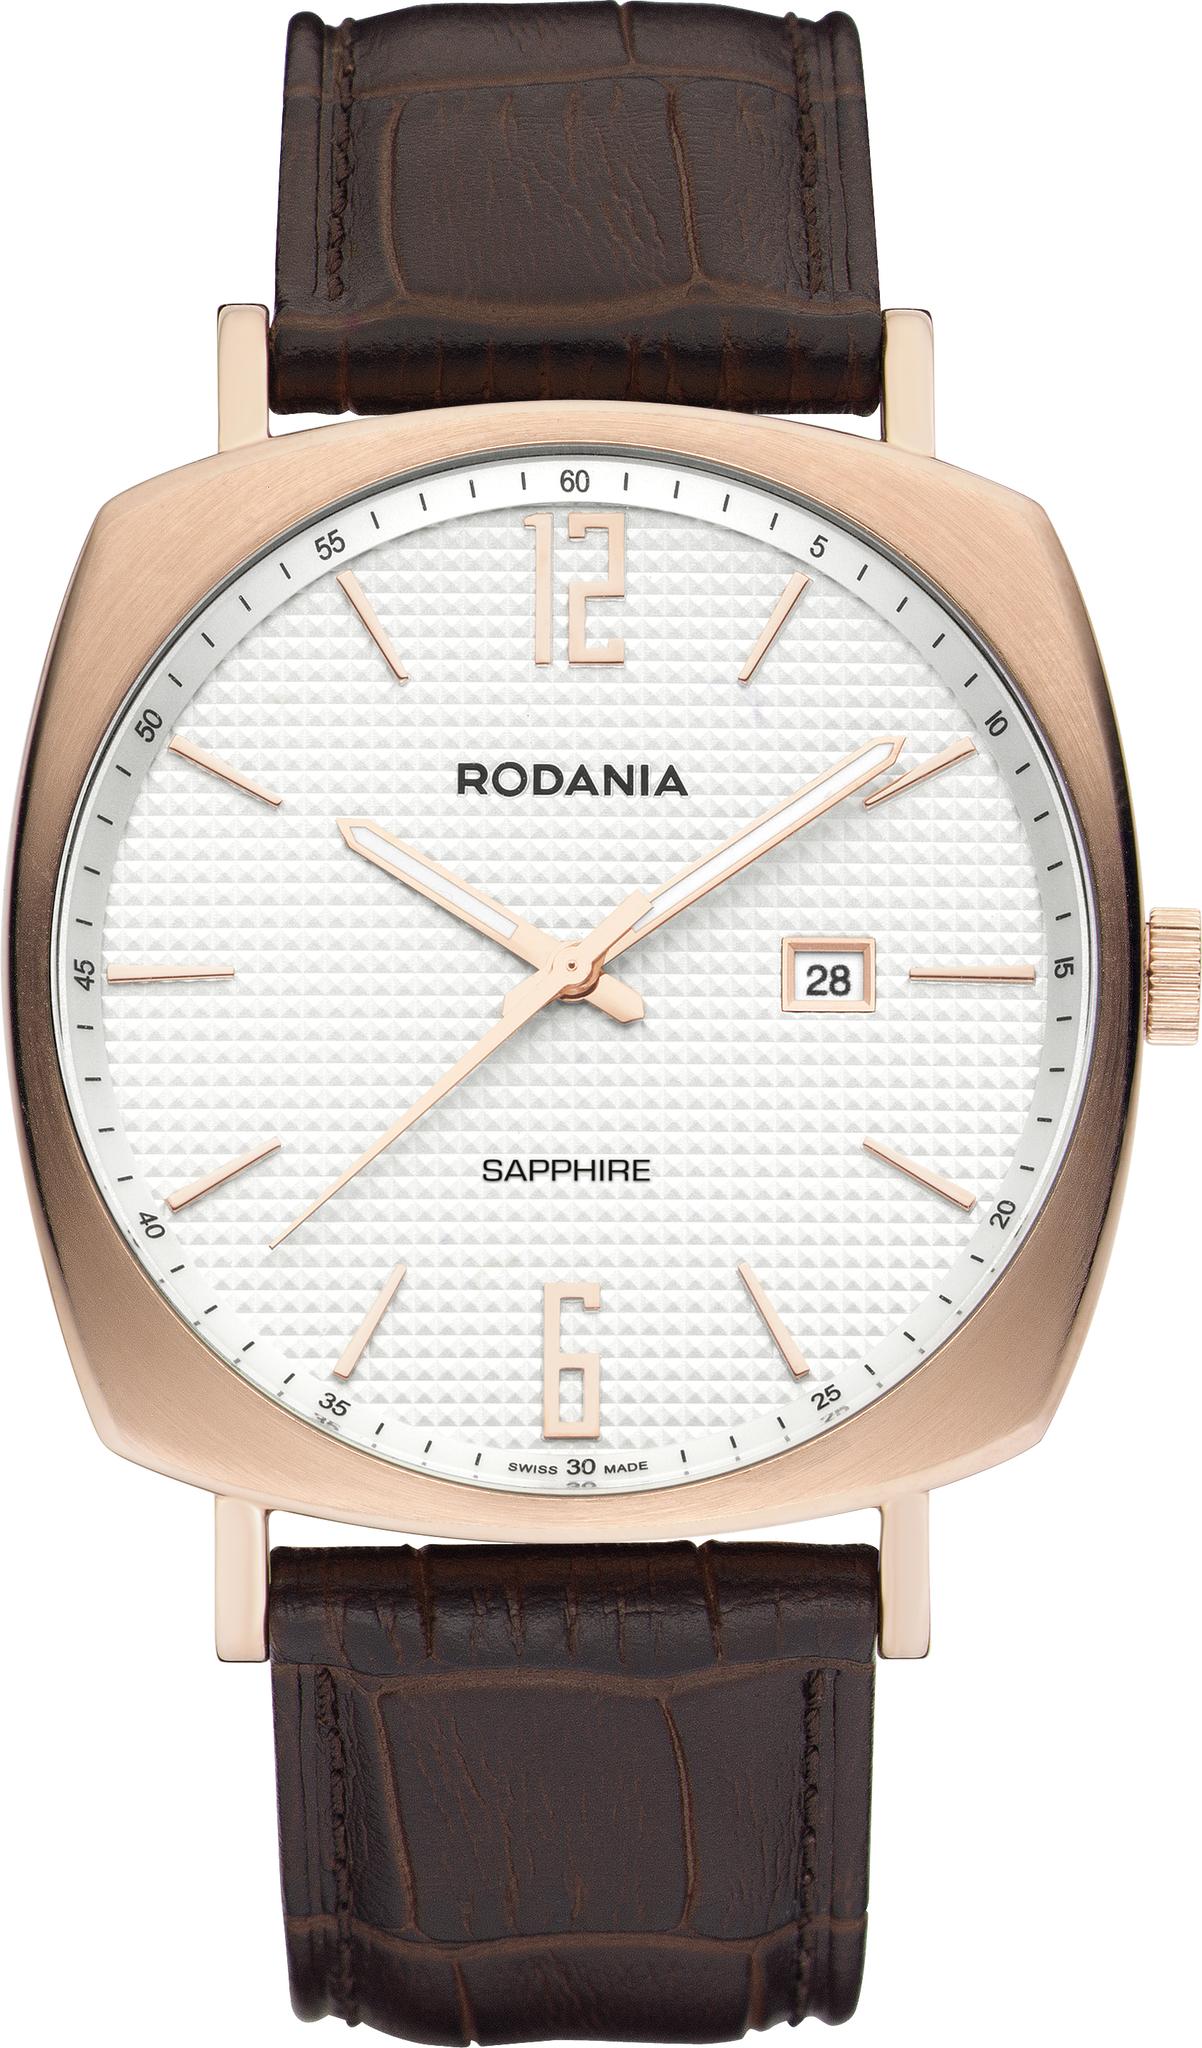 Rodania 25124.33 - мужские наручные часы из коллекции MONTREALRodania<br><br><br>Бренд: Rodania<br>Модель: Rodania 25124.33<br>Артикул: 25124.33<br>Вариант артикула: None<br>Коллекция: MONTREAL<br>Подколлекция: None<br>Страна: Швейцария<br>Пол: мужские<br>Тип механизма: кварцевые<br>Механизм: Ronda 505<br>Количество камней: None<br>Автоподзавод: None<br>Источник энергии: от батарейки<br>Срок службы элемента питания: None<br>Дисплей: стрелки<br>Цифры: арабские<br>Водозащита: WR 50<br>Противоударные: None<br>Материал корпуса: нерж. сталь, IP покрытие: позолота (полное)<br>Материал браслета: кожа (не указан)<br>Материал безеля: None<br>Стекло: сапфировое<br>Антибликовое покрытие: None<br>Цвет корпуса: None<br>Цвет браслета: None<br>Цвет циферблата: None<br>Цвет безеля: None<br>Размеры: 41 мм<br>Диаметр: None<br>Диаметр корпуса: None<br>Толщина: None<br>Ширина ремешка: None<br>Вес: None<br>Спорт-функции: None<br>Подсветка: стрелок<br>Вставка: None<br>Отображение даты: число<br>Хронограф: None<br>Таймер: None<br>Термометр: None<br>Хронометр: None<br>GPS: None<br>Радиосинхронизация: None<br>Барометр: None<br>Скелетон: None<br>Дополнительная информация: None<br>Дополнительные функции: None